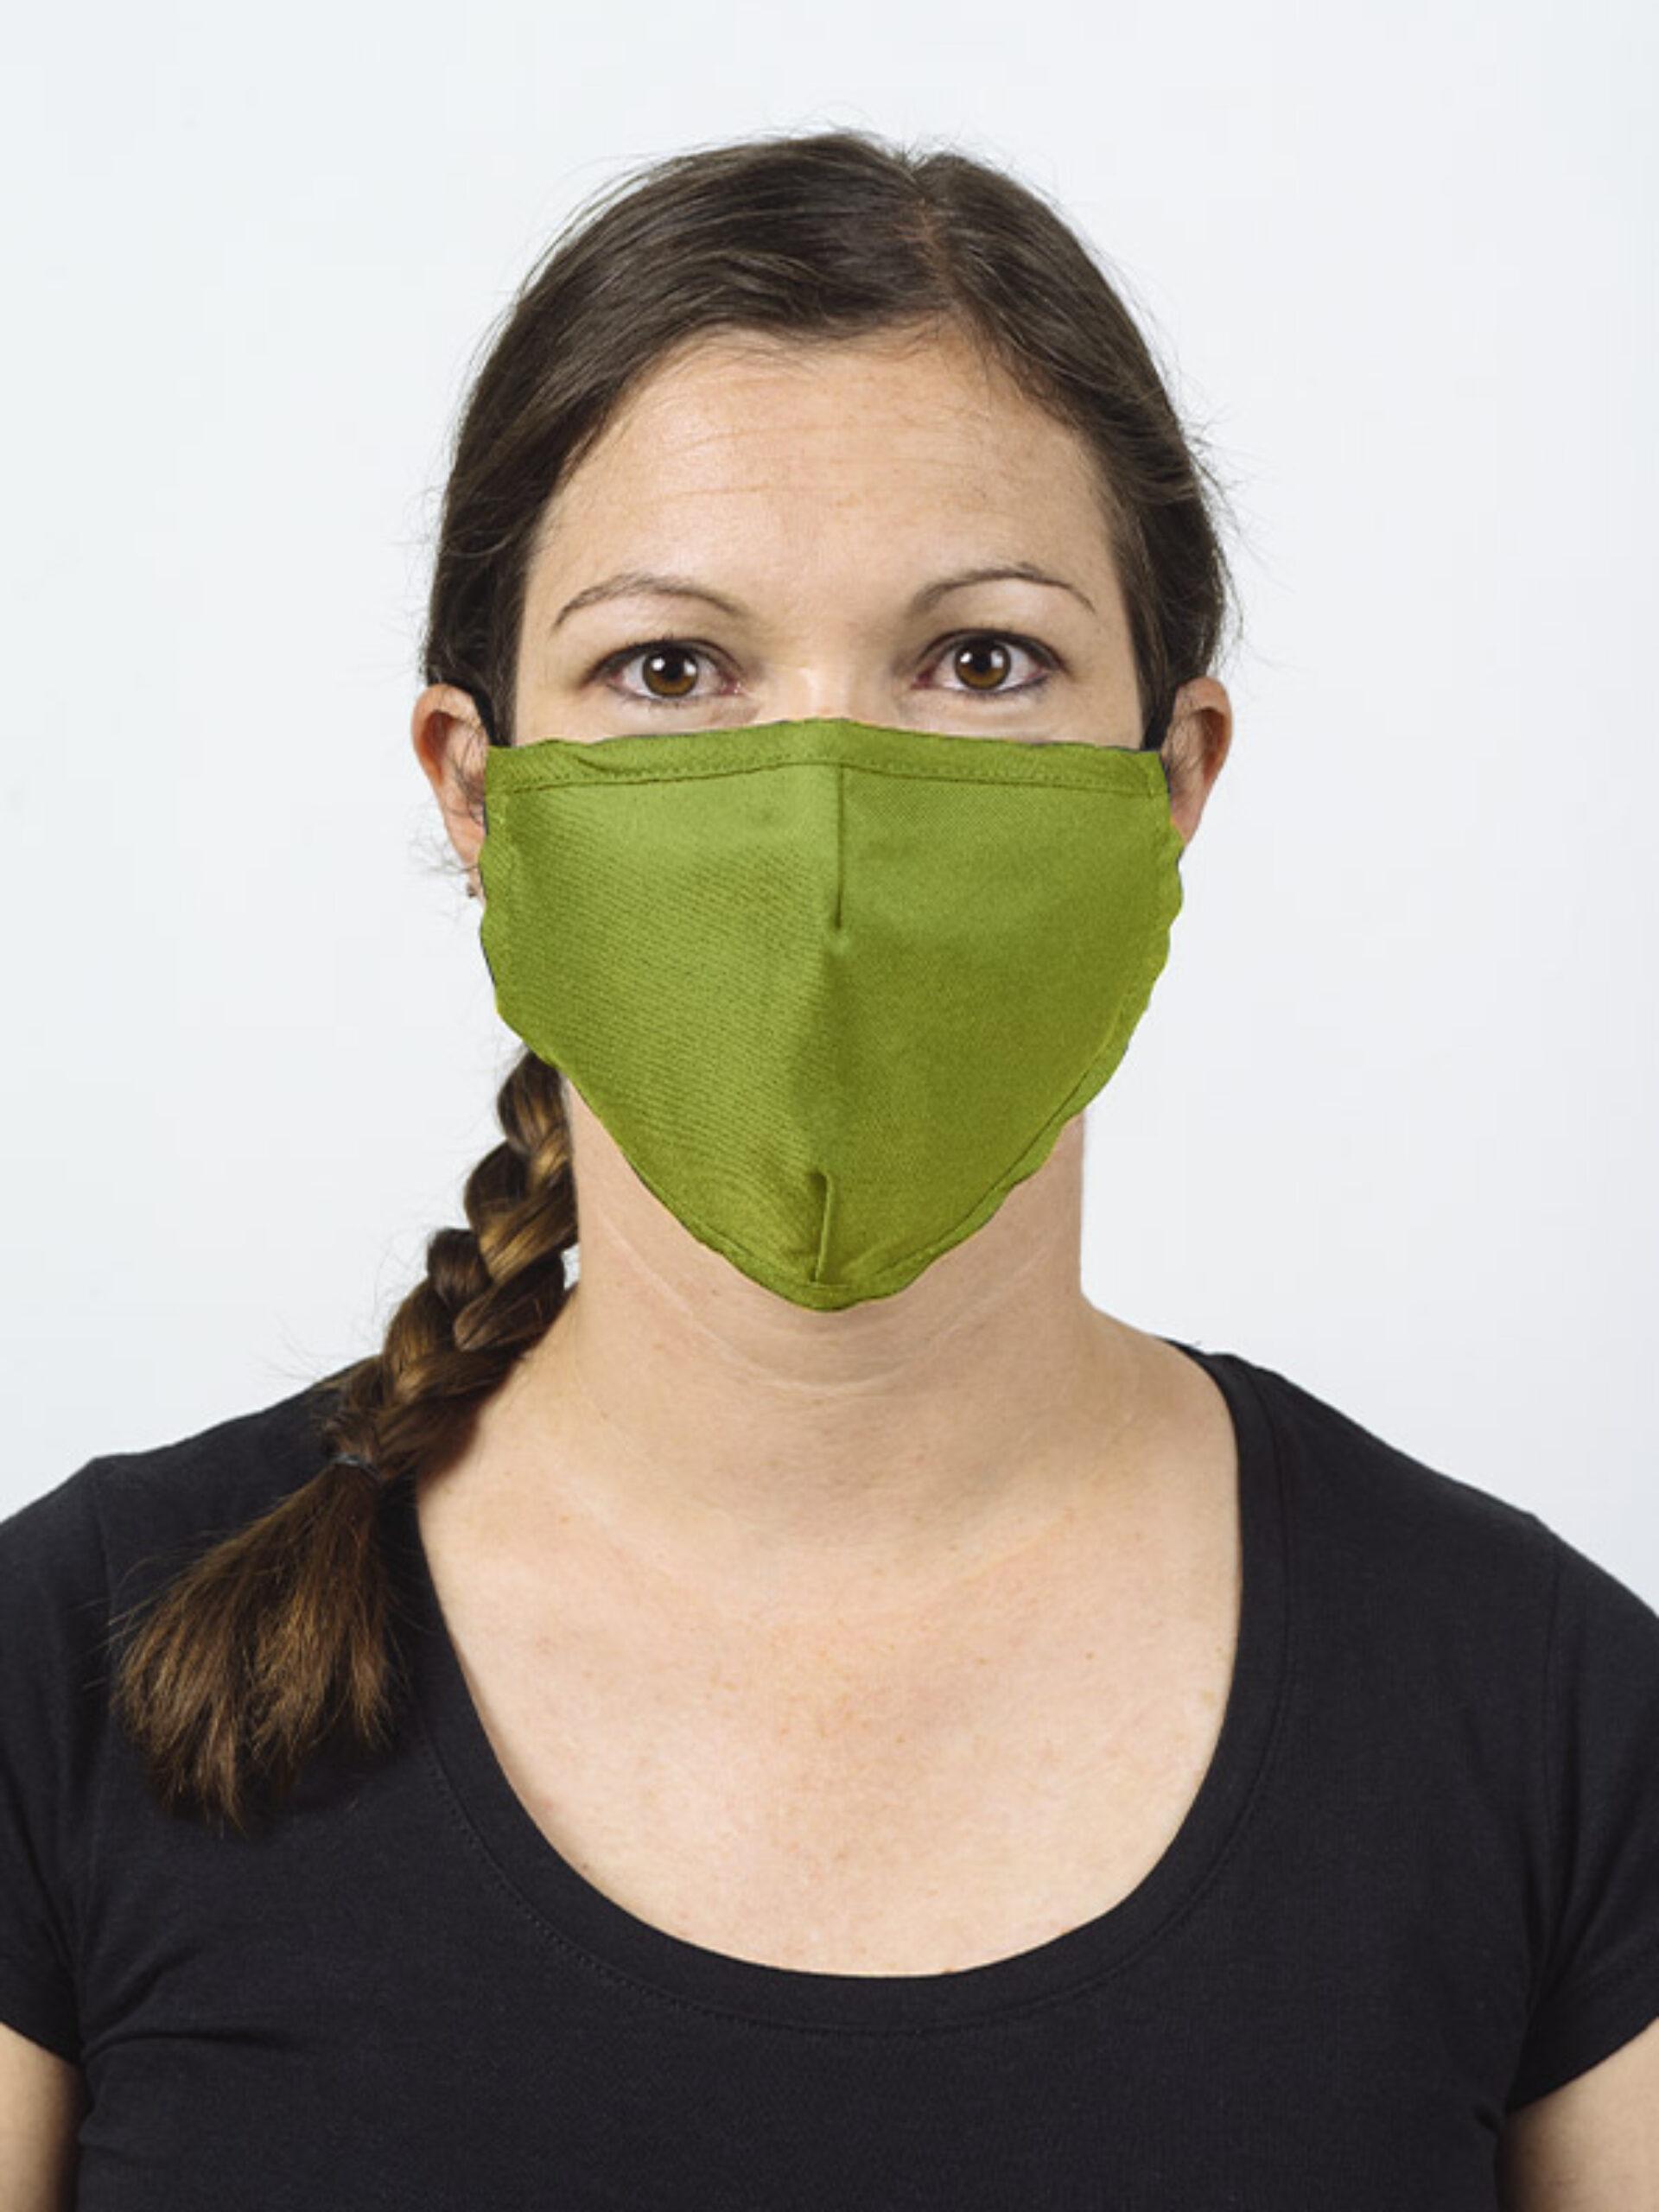 Community Maske Gesichtsschutz Mit Wechselfilter Gruen Bestellen